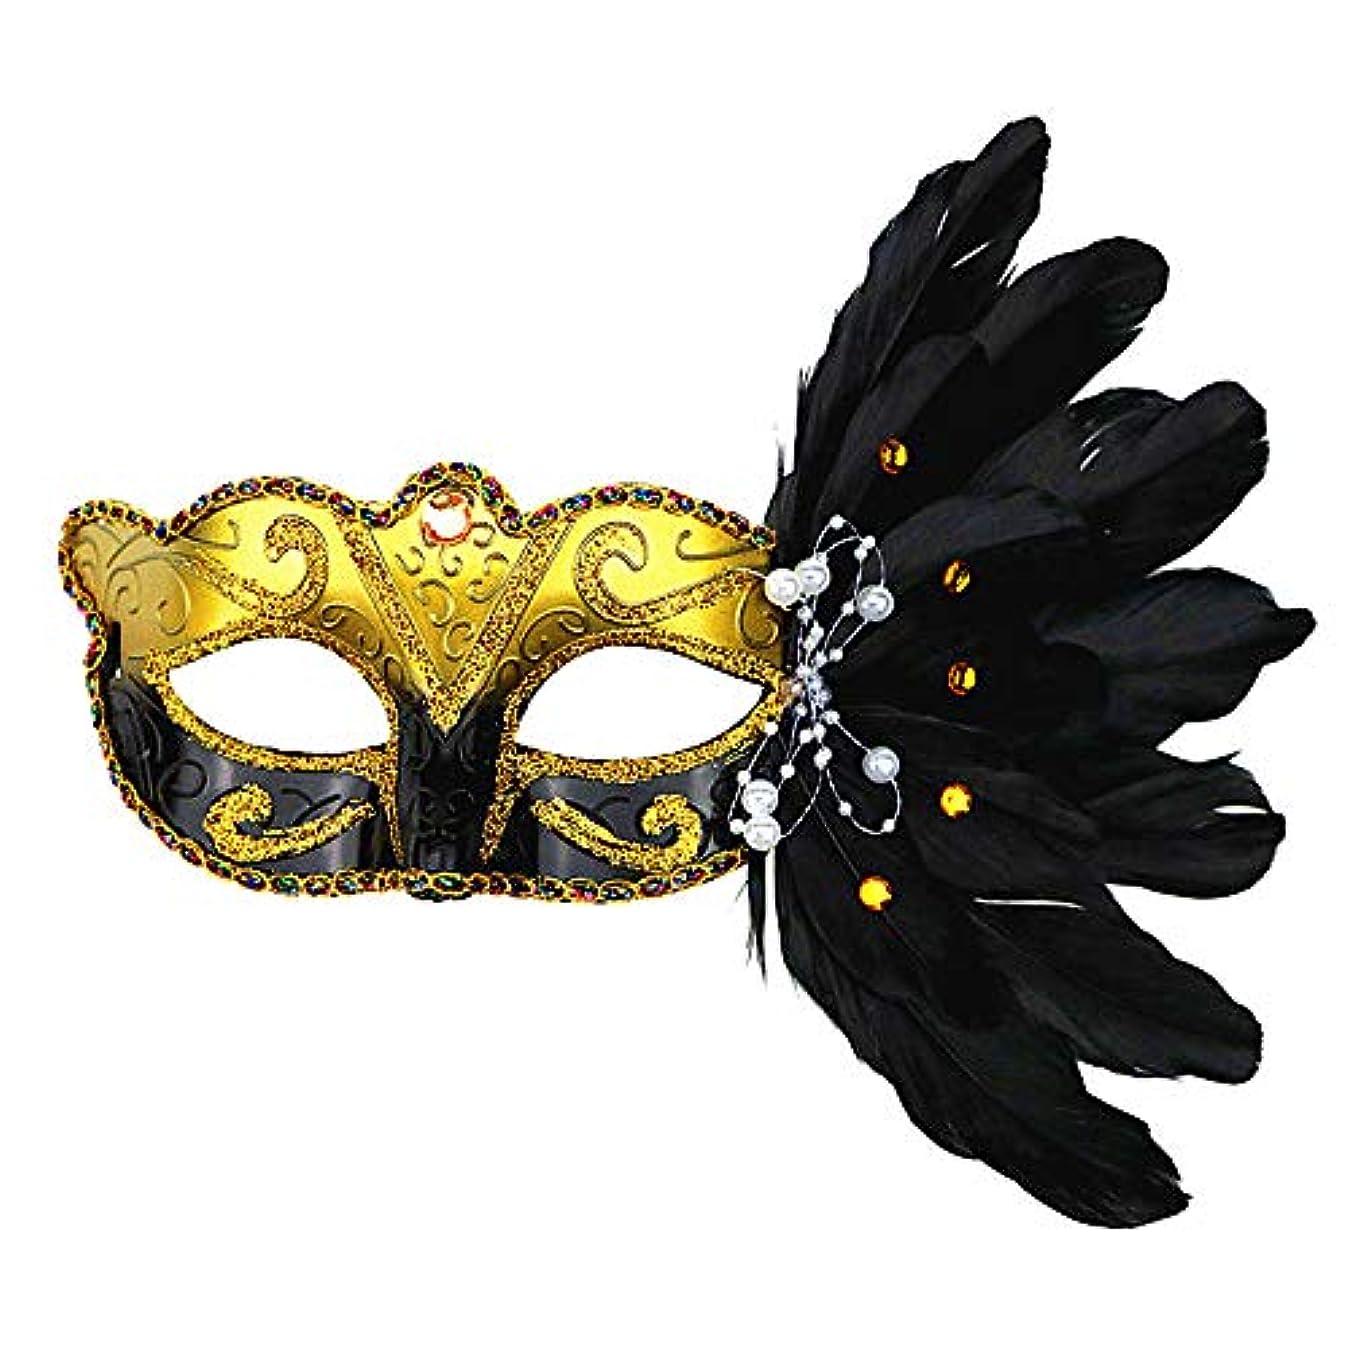 食品王子失Auntwhale ハロウィーンマスク大人恐怖コスチューム、ペイントフェザーファンシーマスカレードパーティーハロウィンマスク、フェスティバル通気性ギフトヘッドマスク